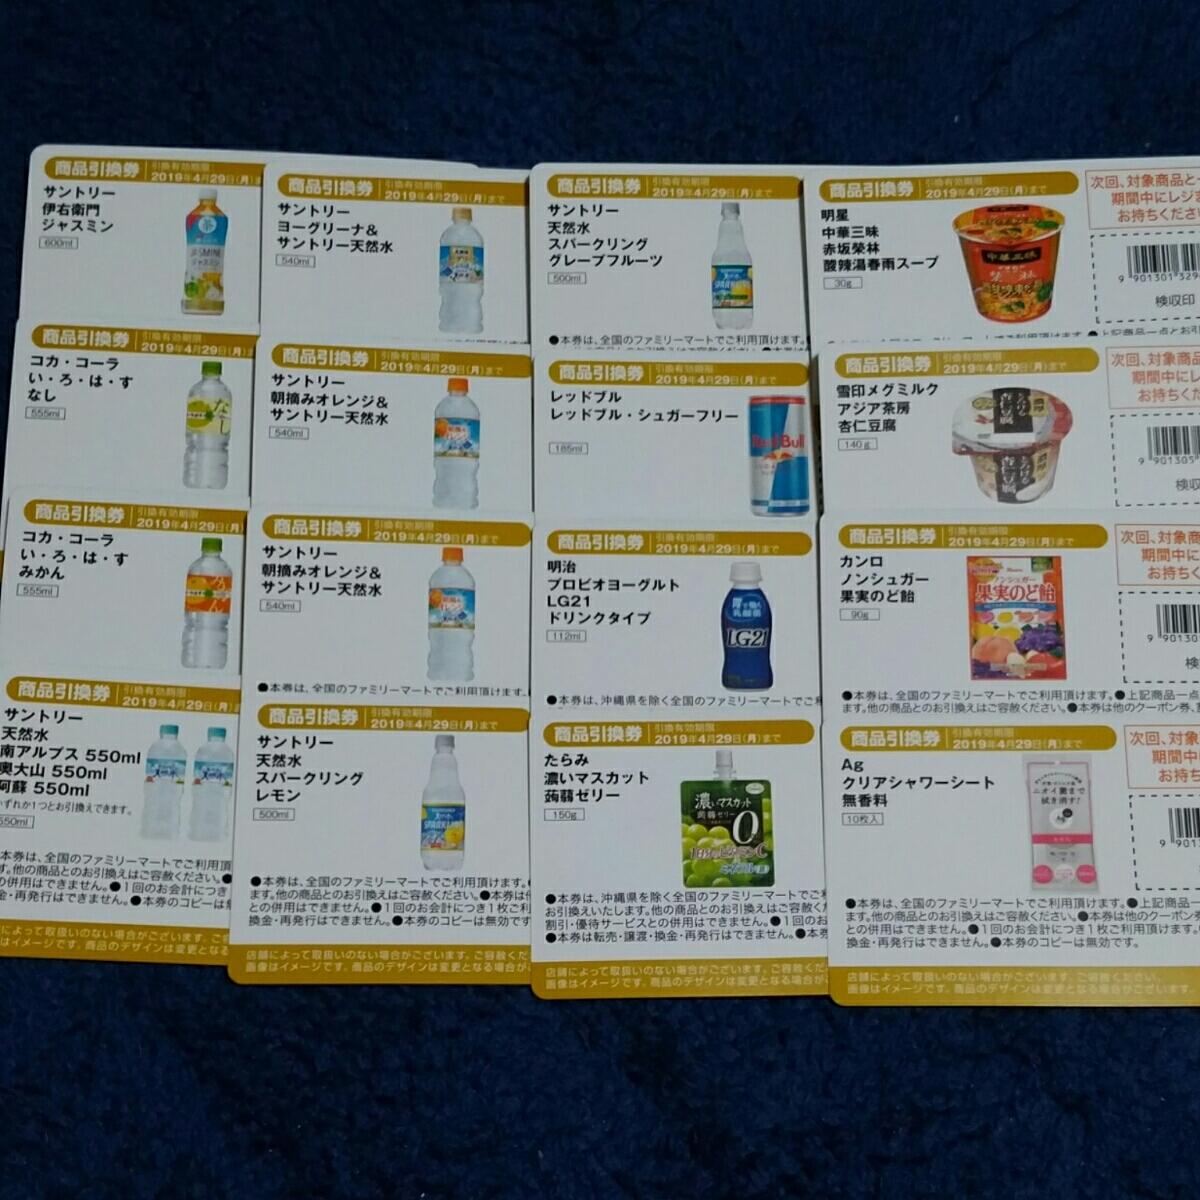 【ファミリーマート】 商品引換券16枚(飲料品他)